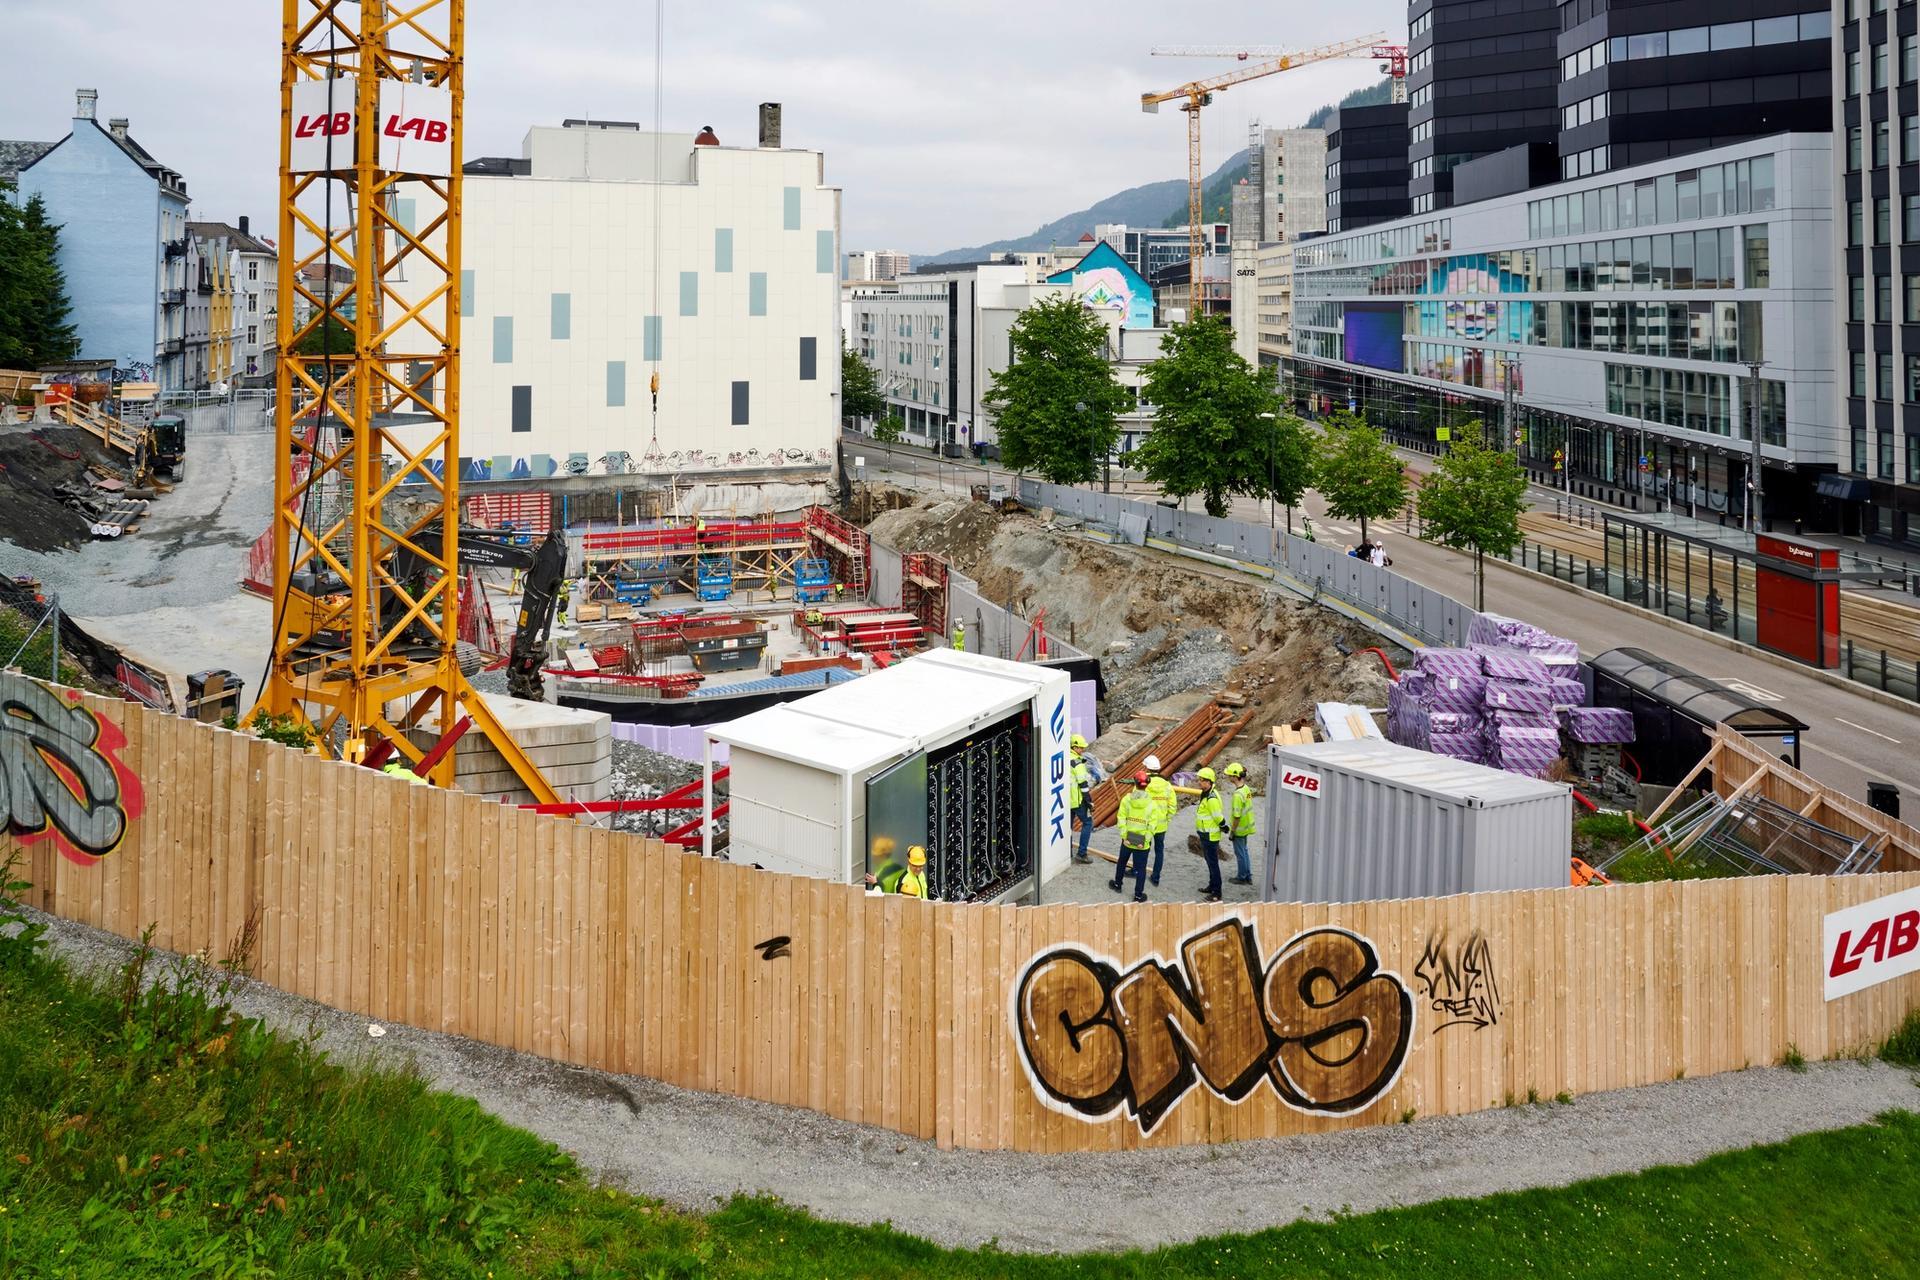 Batteriet sikrer at det er nok strøm på byggeplassen, der et nytt kontorbygg skal stå klart i slutten av 2022. Foto: Helge Hansen / BKK.